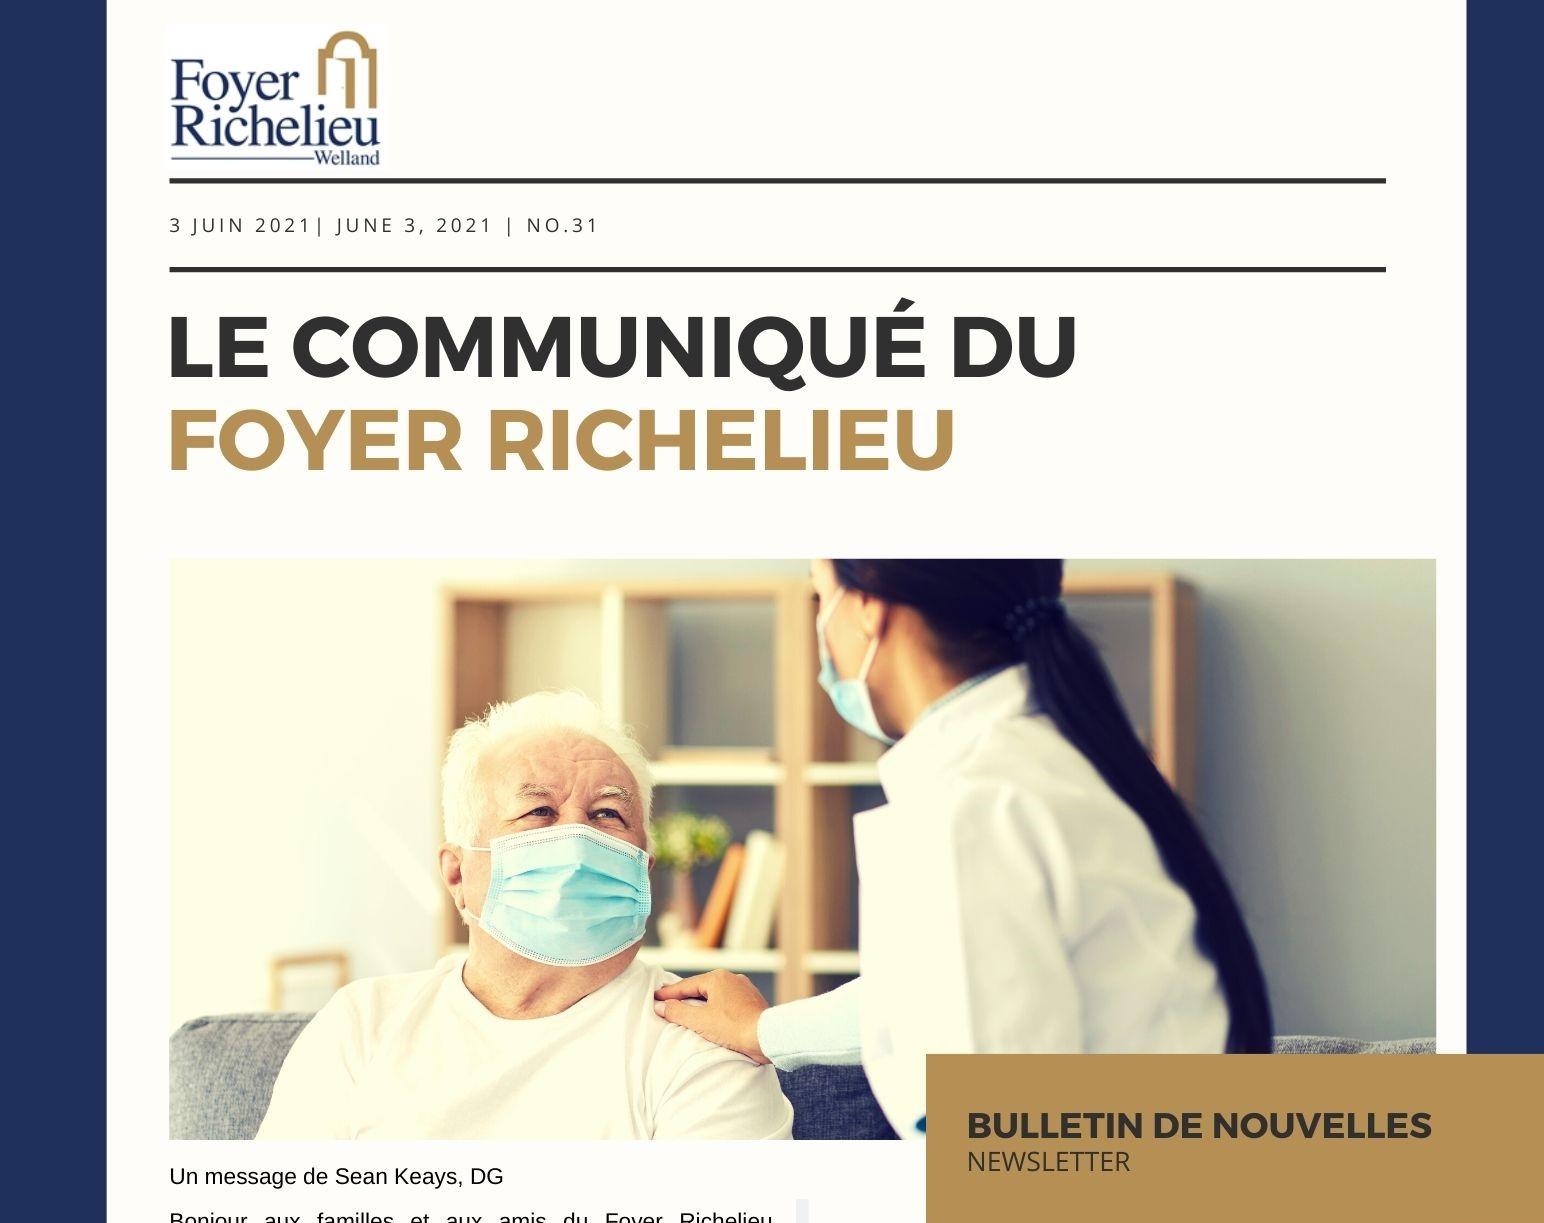 2021/06/03 – Le communiqué du Foyer Richelieu